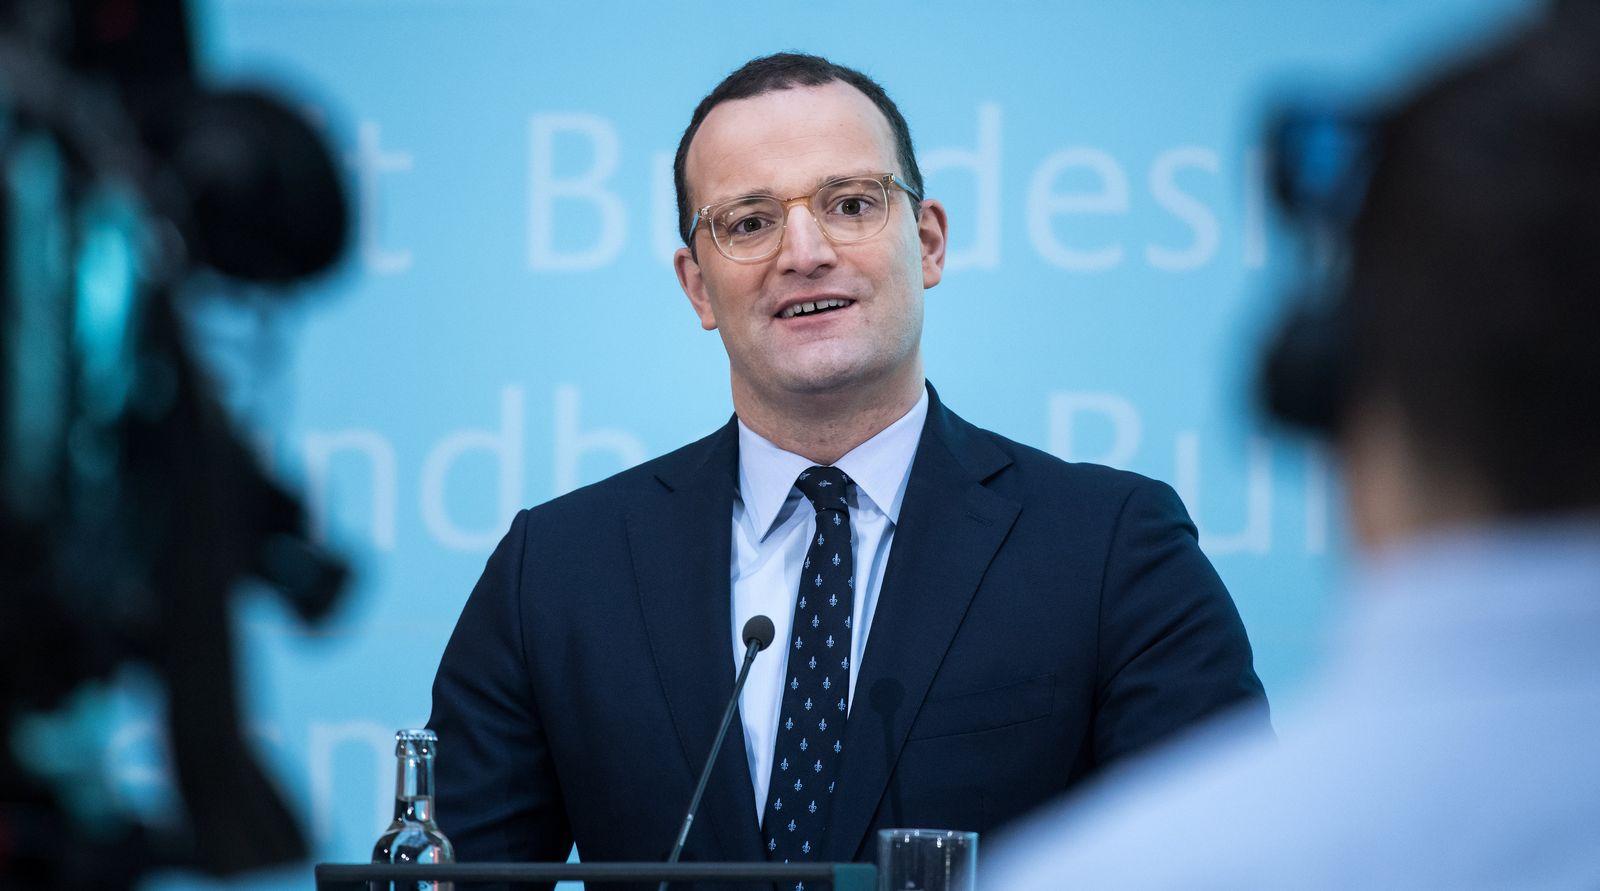 Pressekonferenz von Bundesgesundheitsminister Spahn